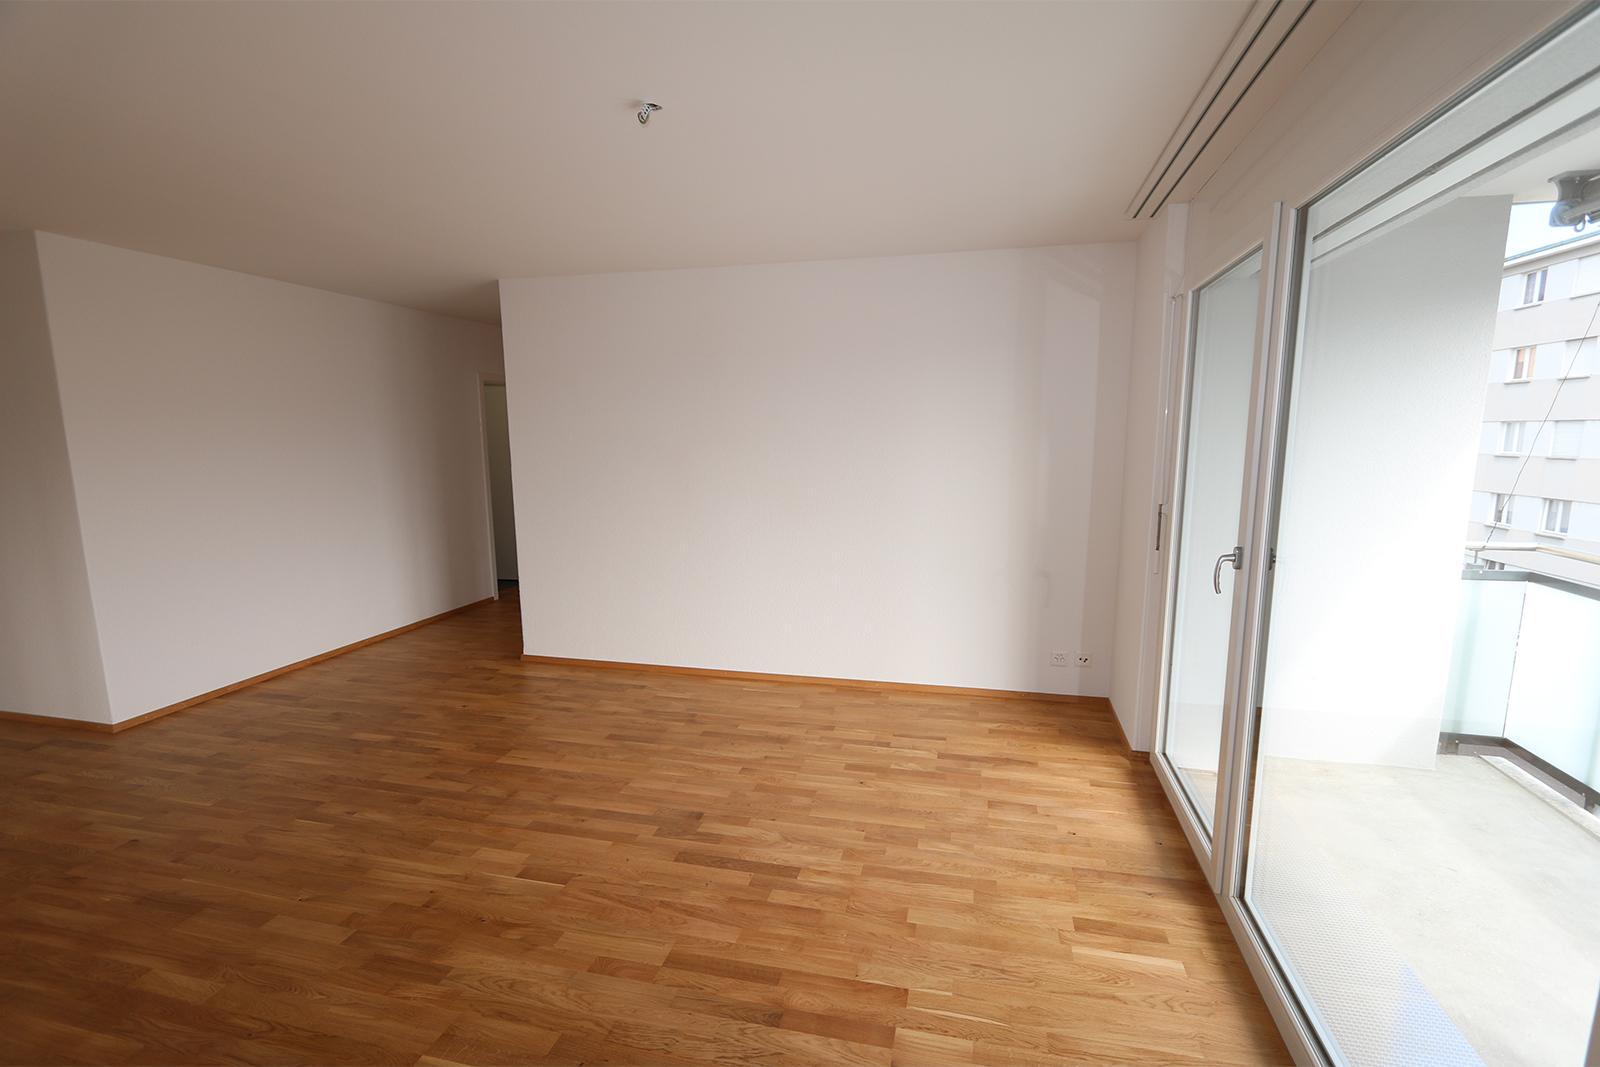 07 Interior Neufeldstrasse - n.S. Wohnen 4.5